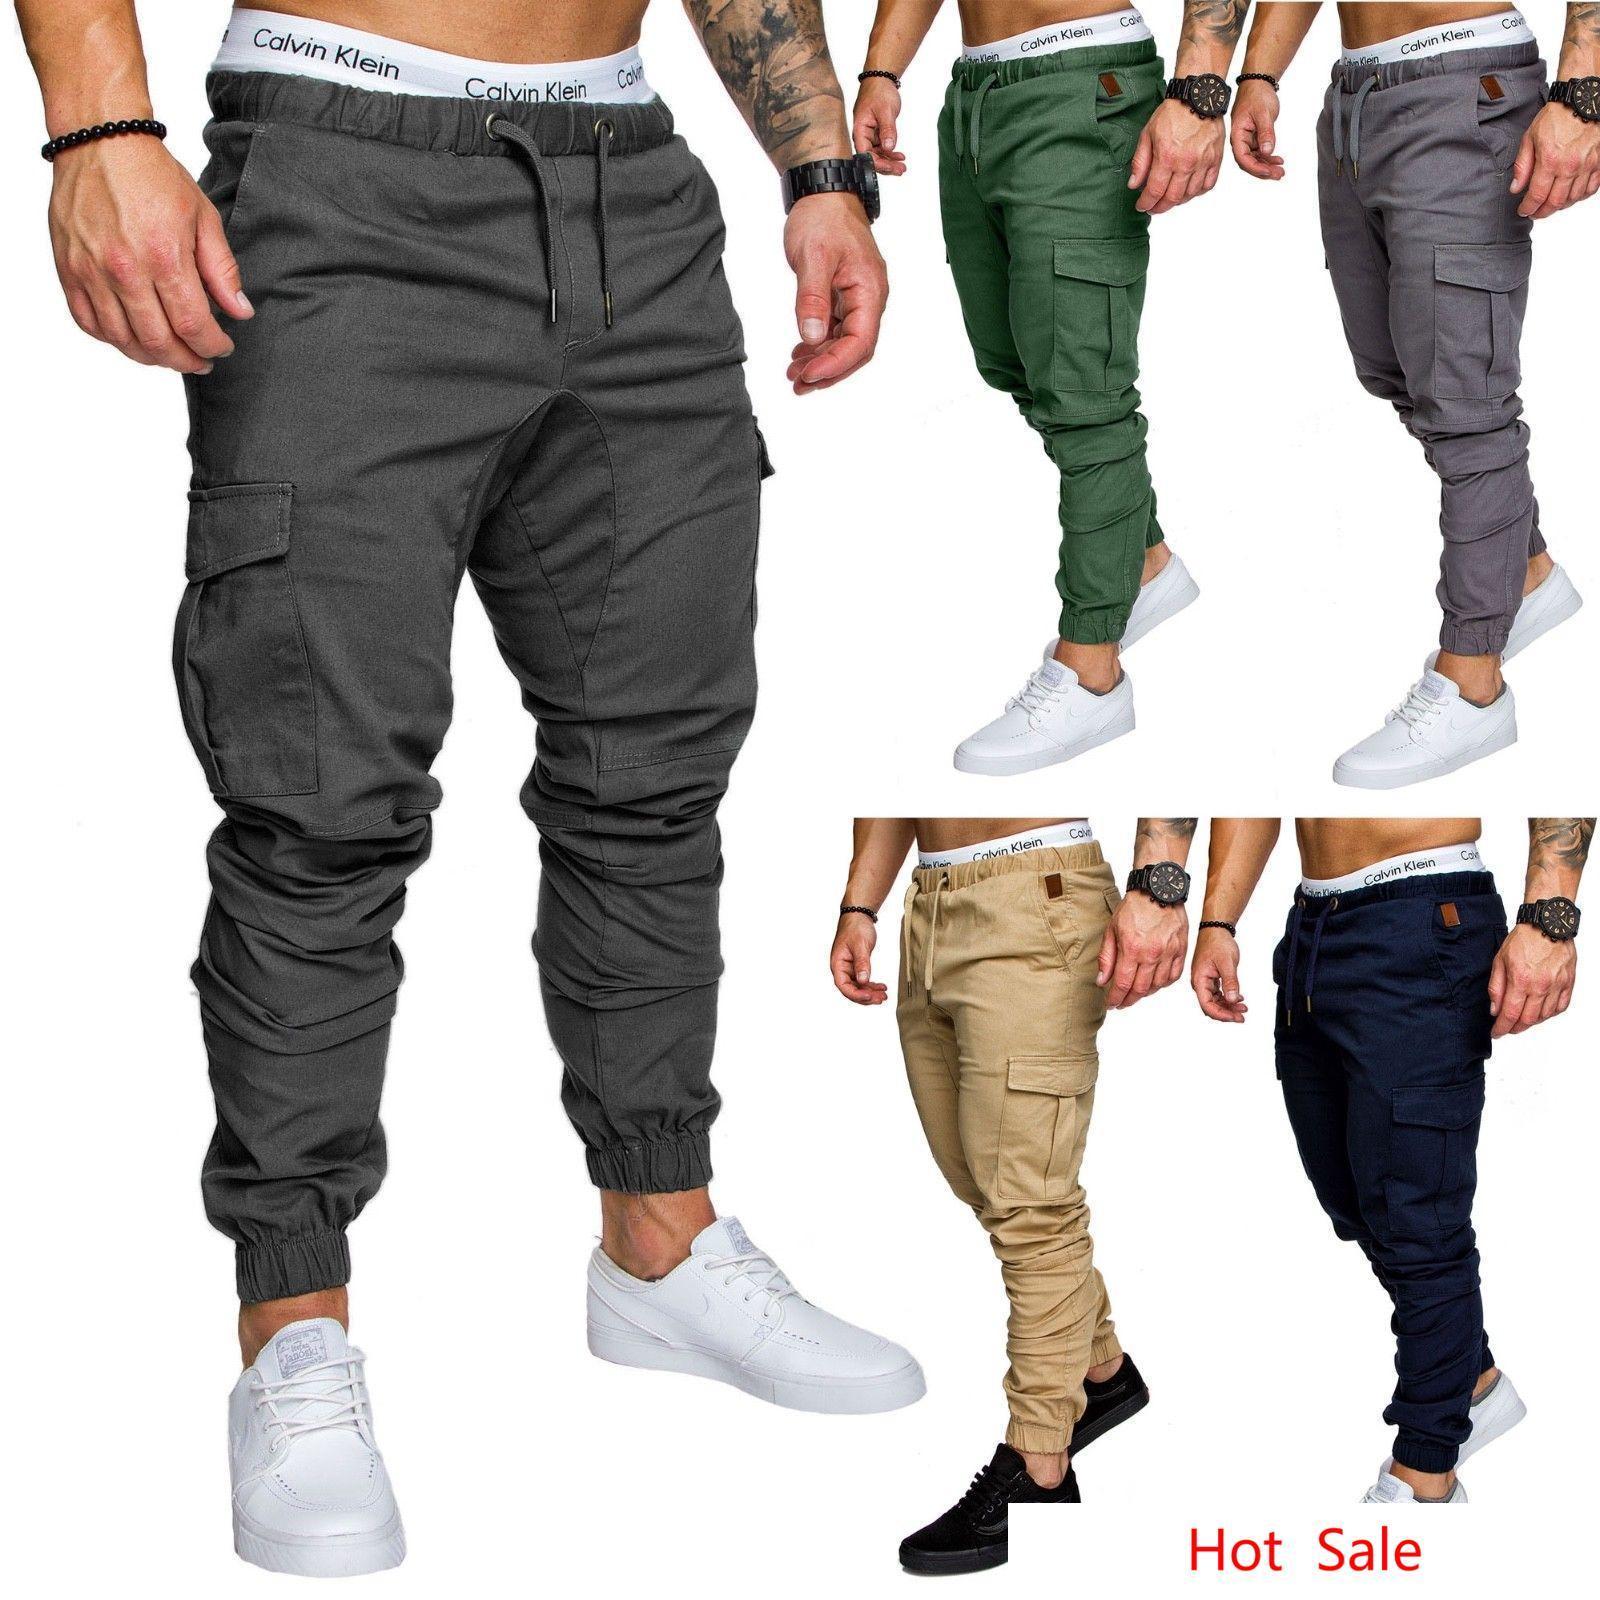 Homens Harem Pant Solto Fit Calças de Algodão Elástico Na Cintura Calças Compridas Basculador Calças Sweatpants Skinny Lápis Calças M-4XL